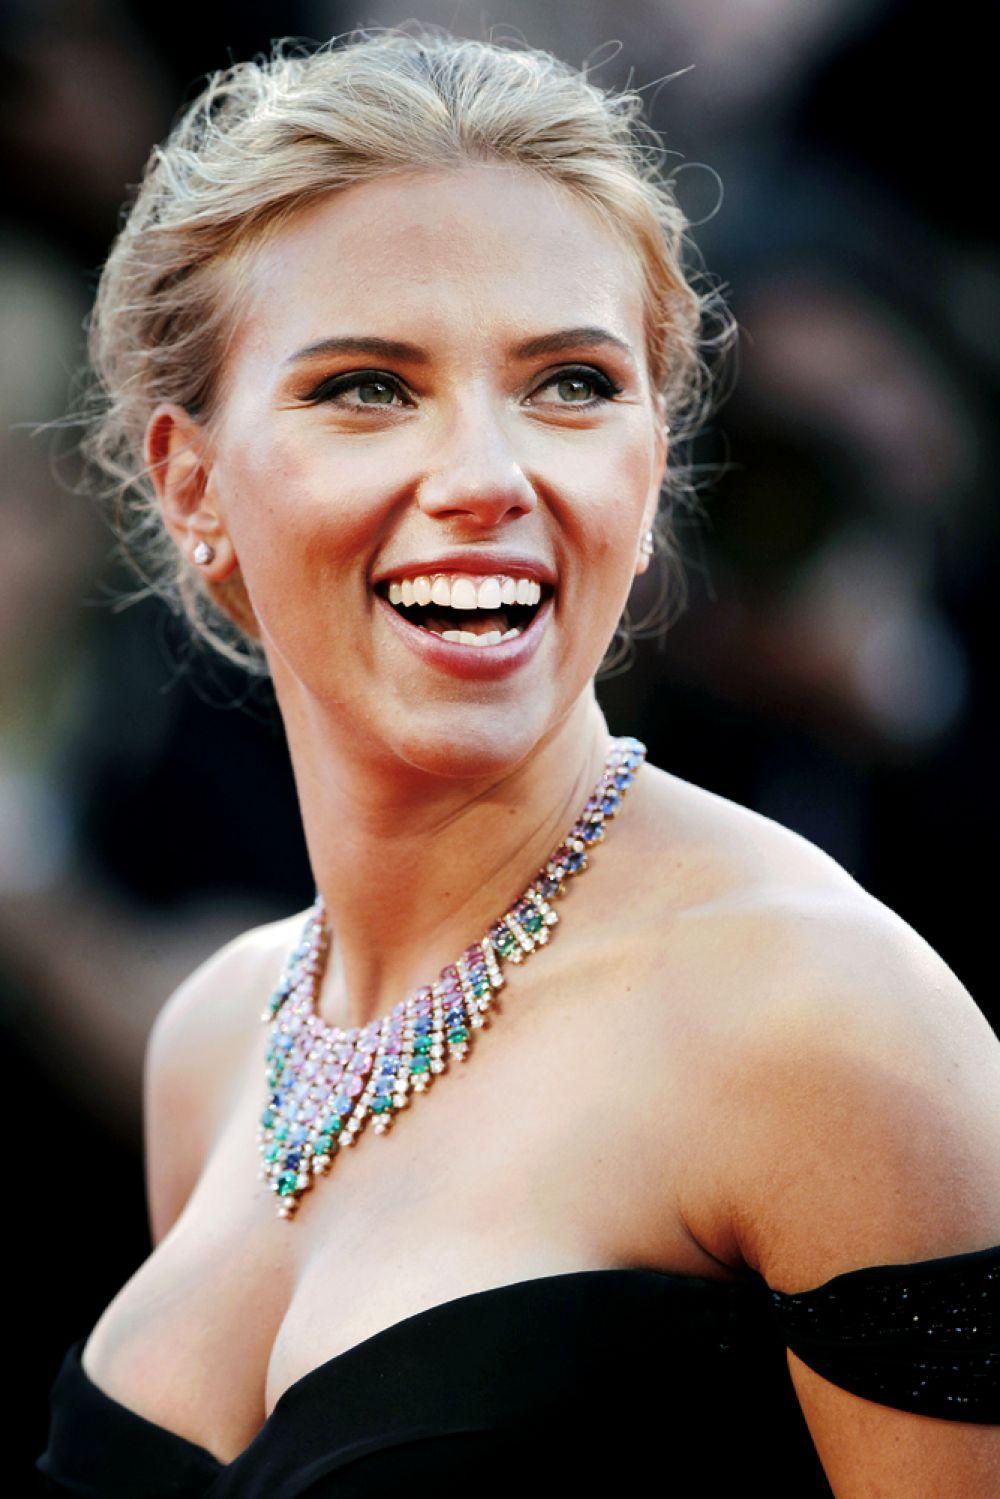 В 2013 году титул самой сексуальной женщины во второй раз достался Скарлетт Йоханссон.